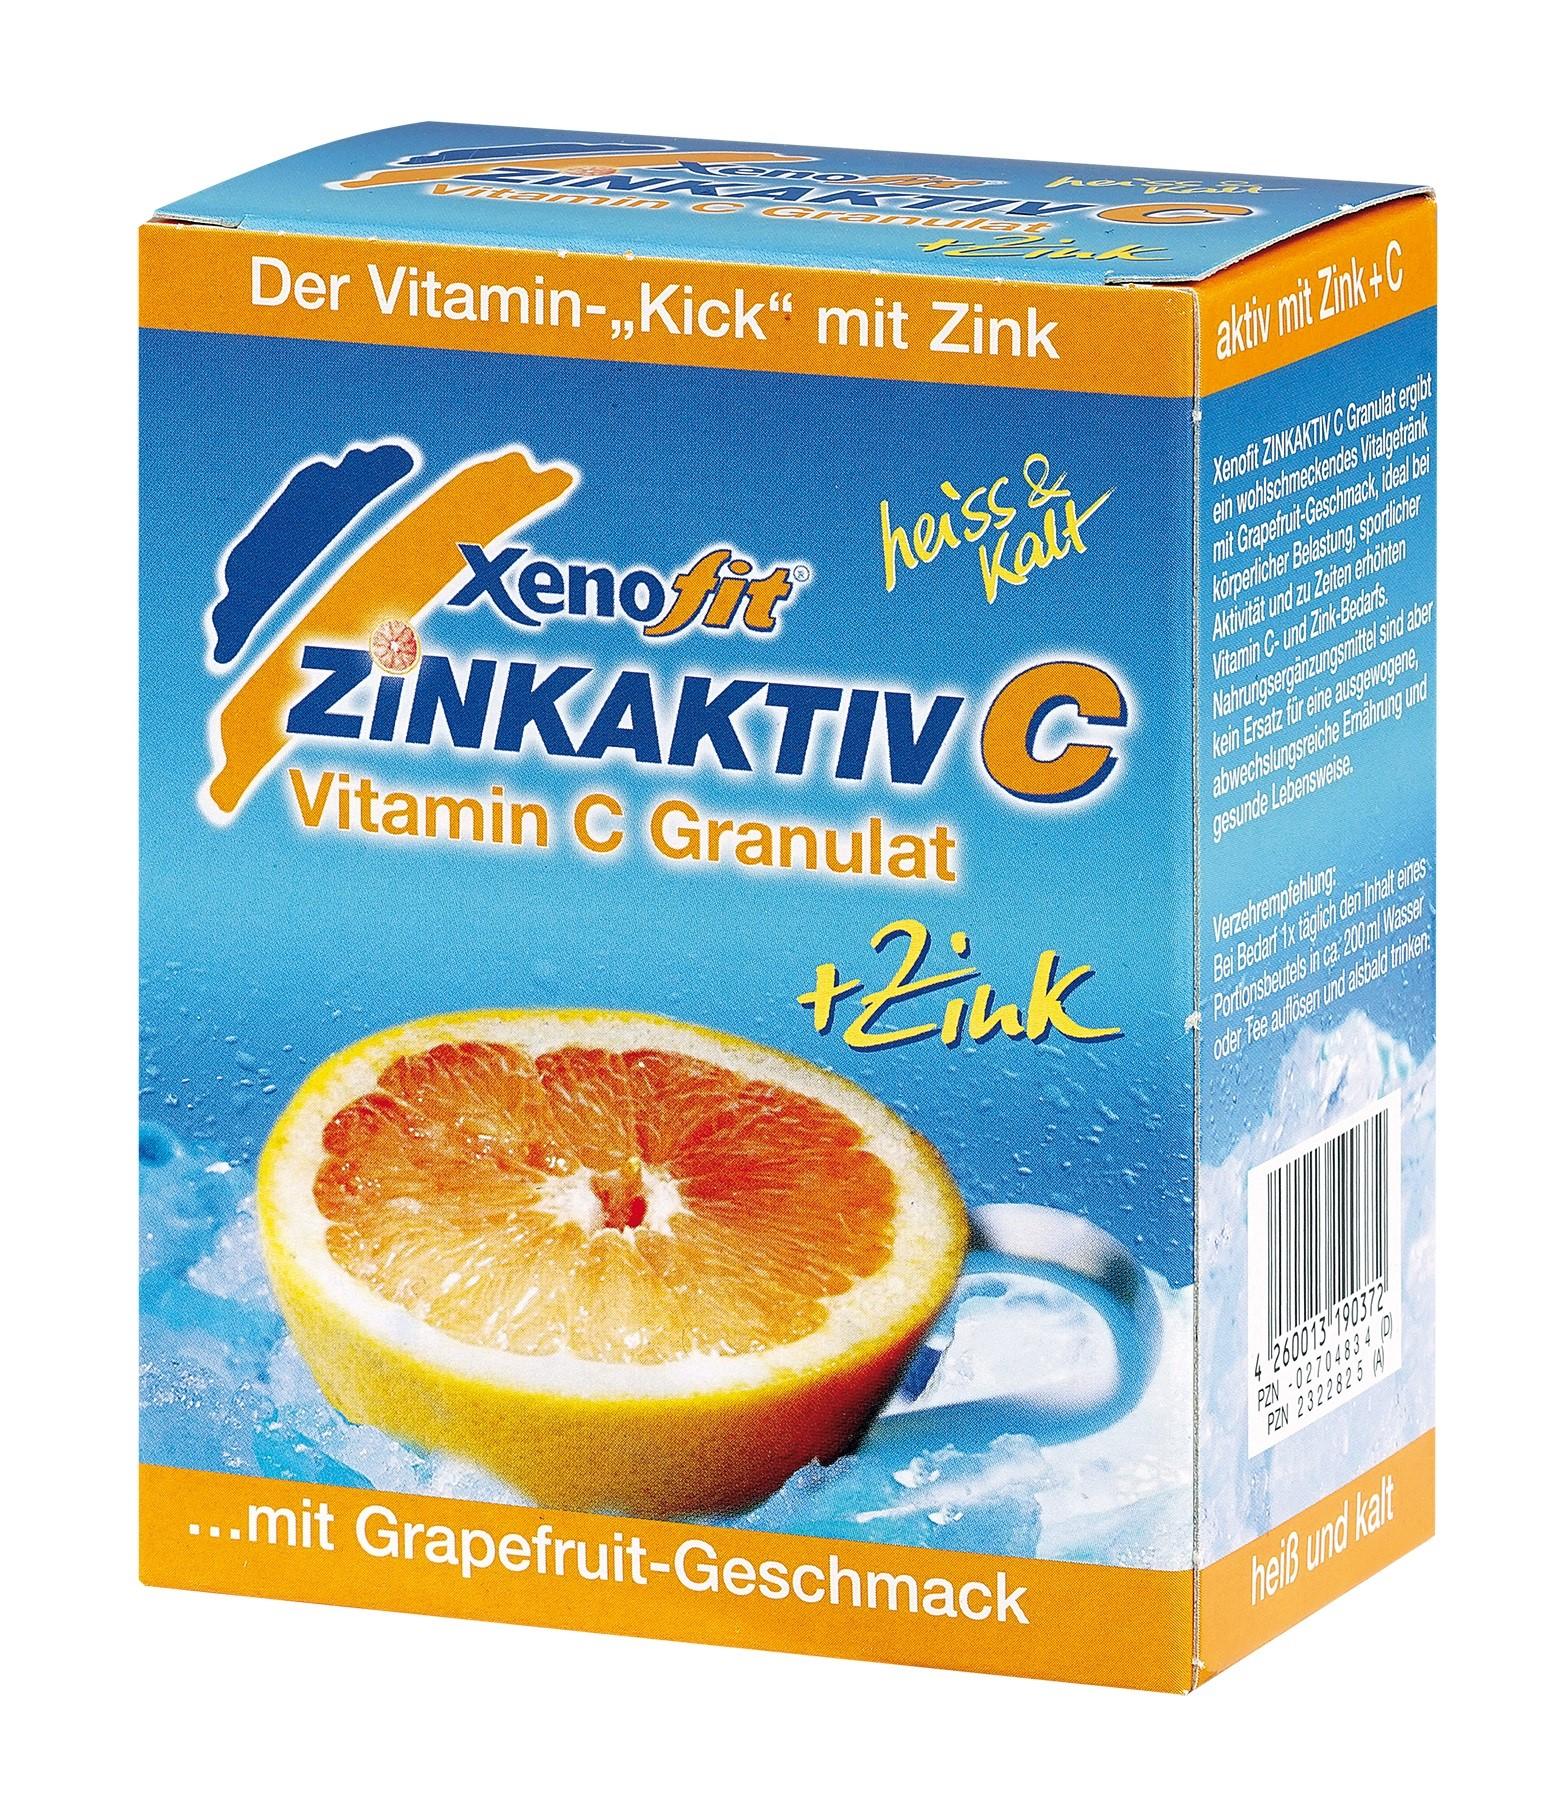 Xenofit Zinkaktiv C - Grapefruit Beutel